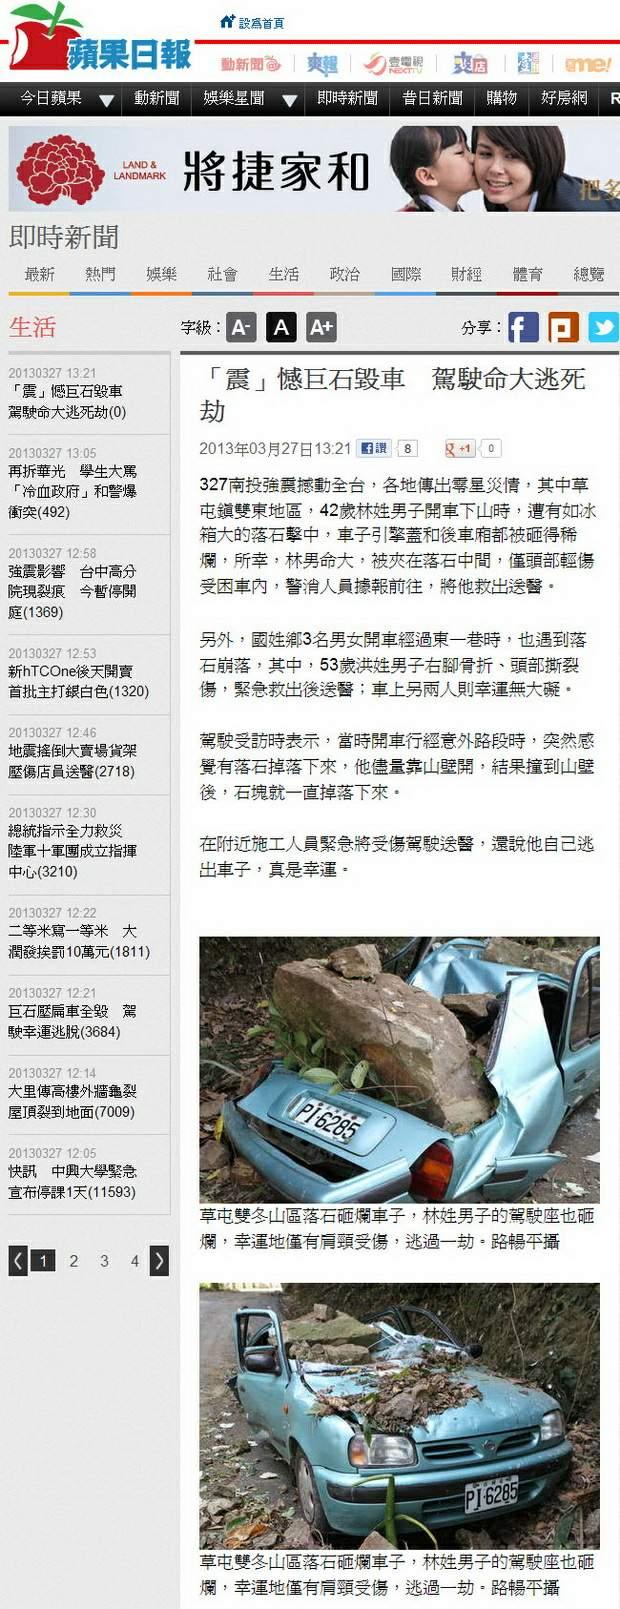 「震」憾巨石毀車 駕駛命大逃死劫-2013.03.27-01